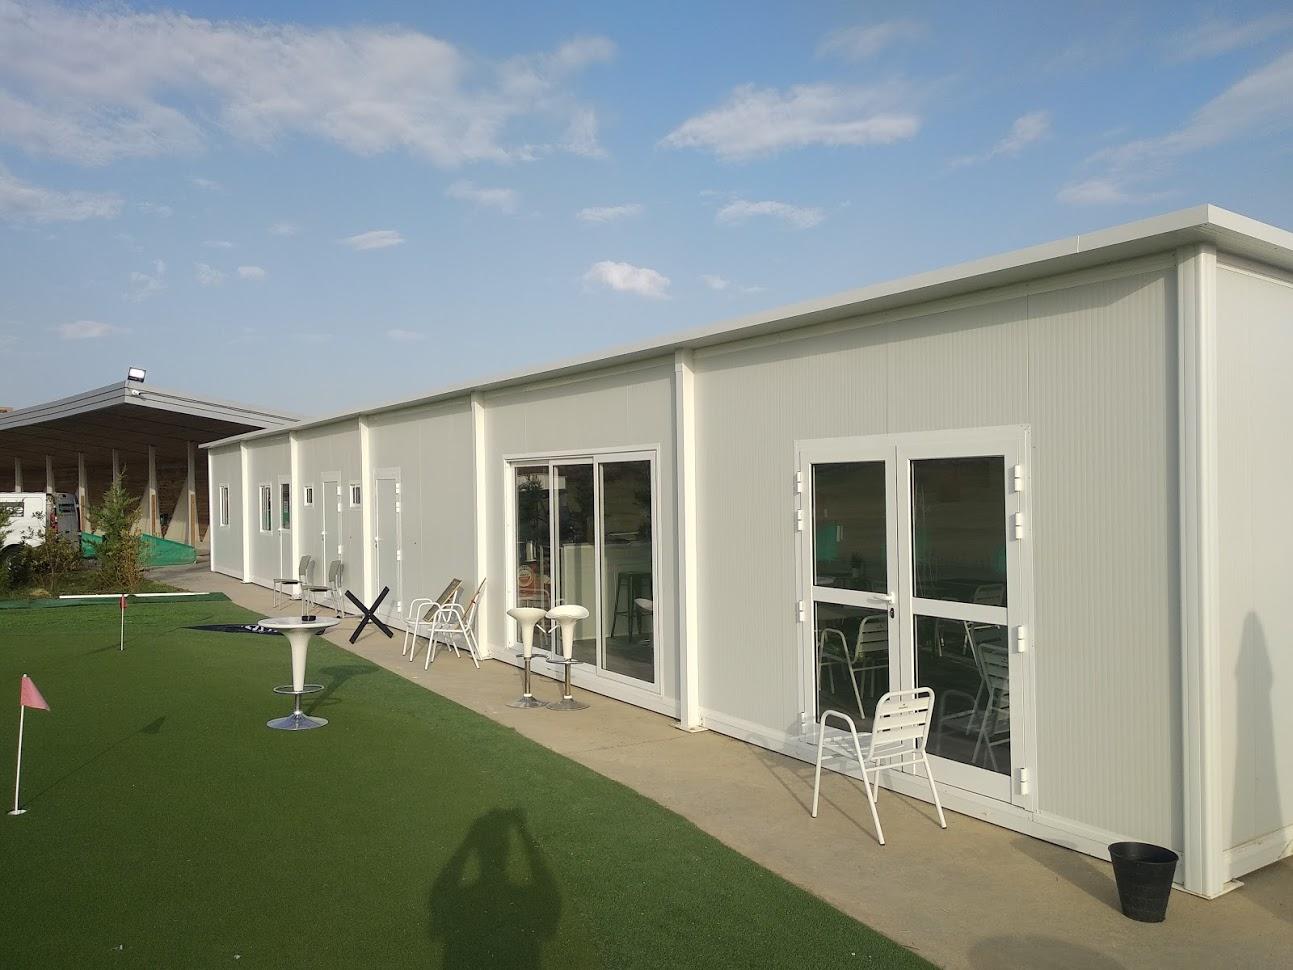 Cafeteria y oficina prefabricada en zaragoza - Casas prefabricadas en zaragoza ...